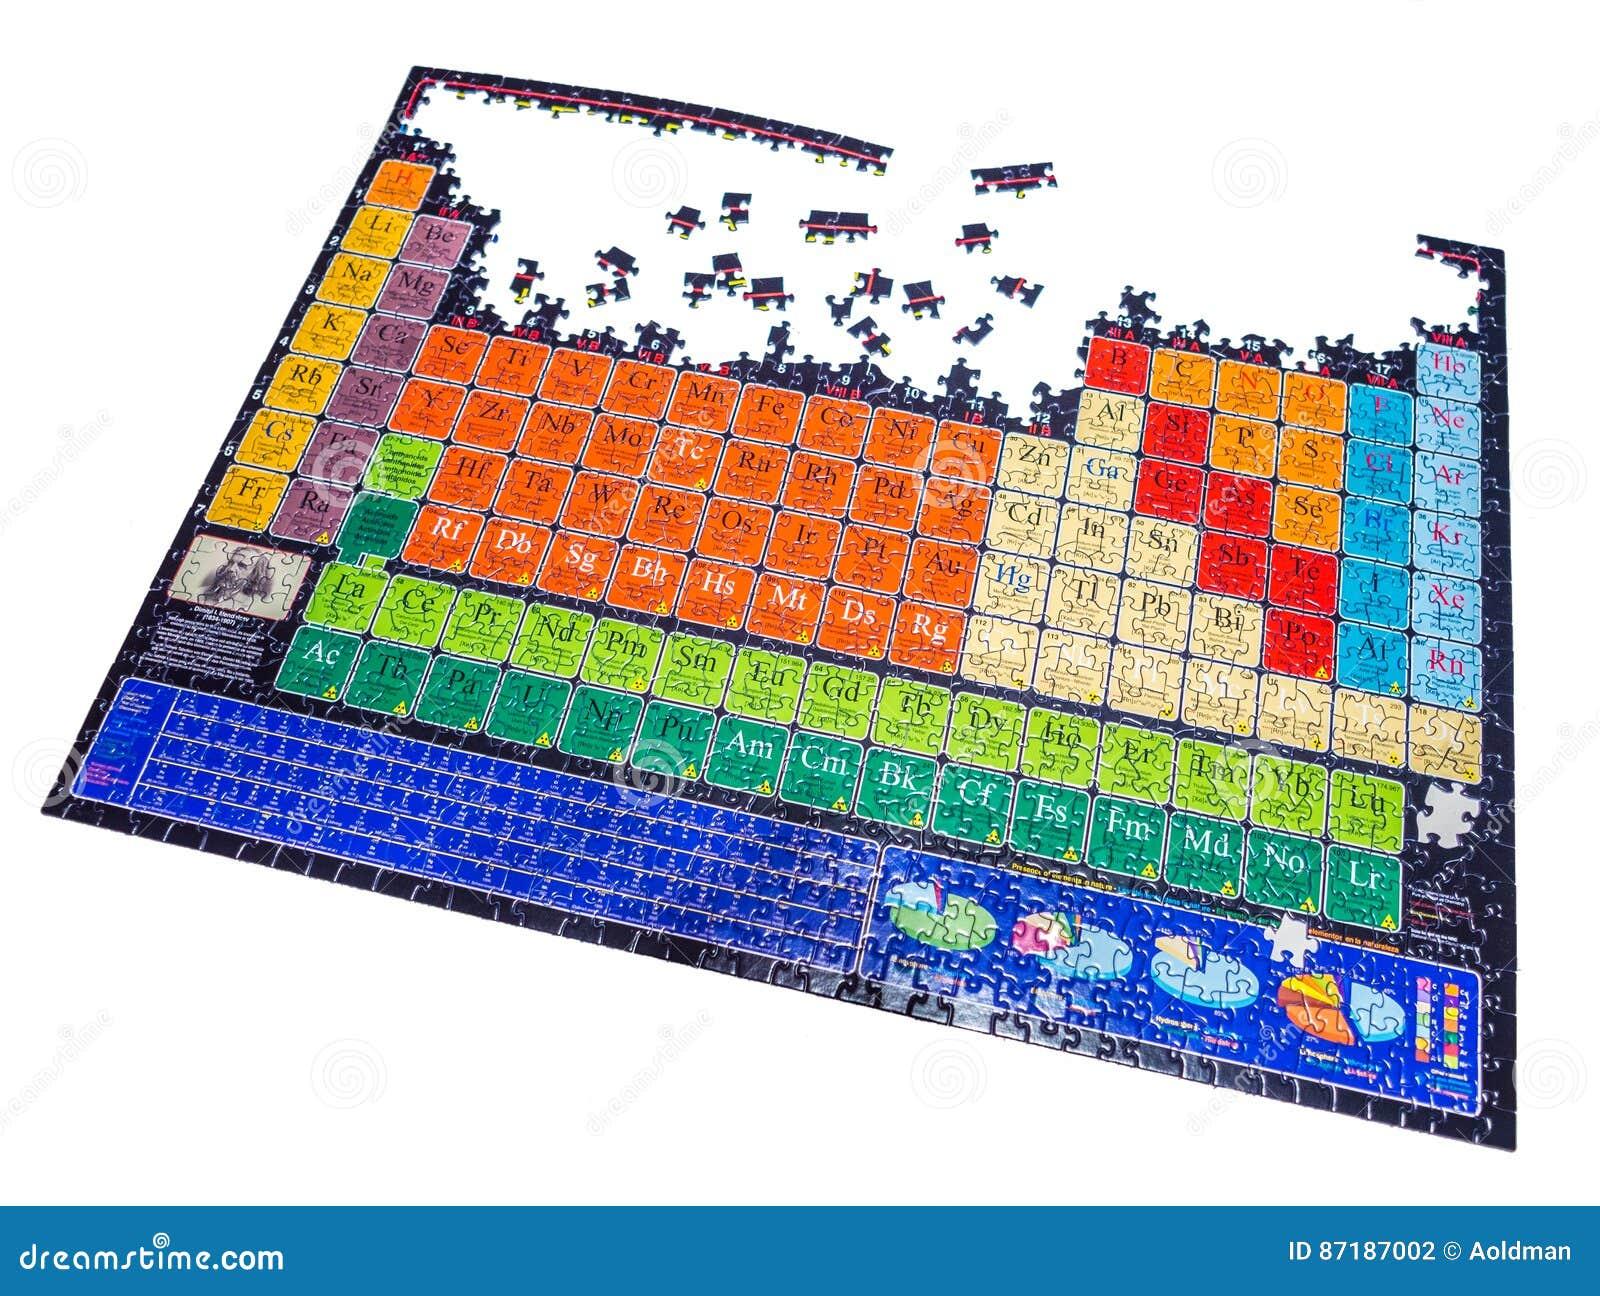 Rompecabezas sin resolver de la tabla peridica qumica stock de download comp urtaz Gallery